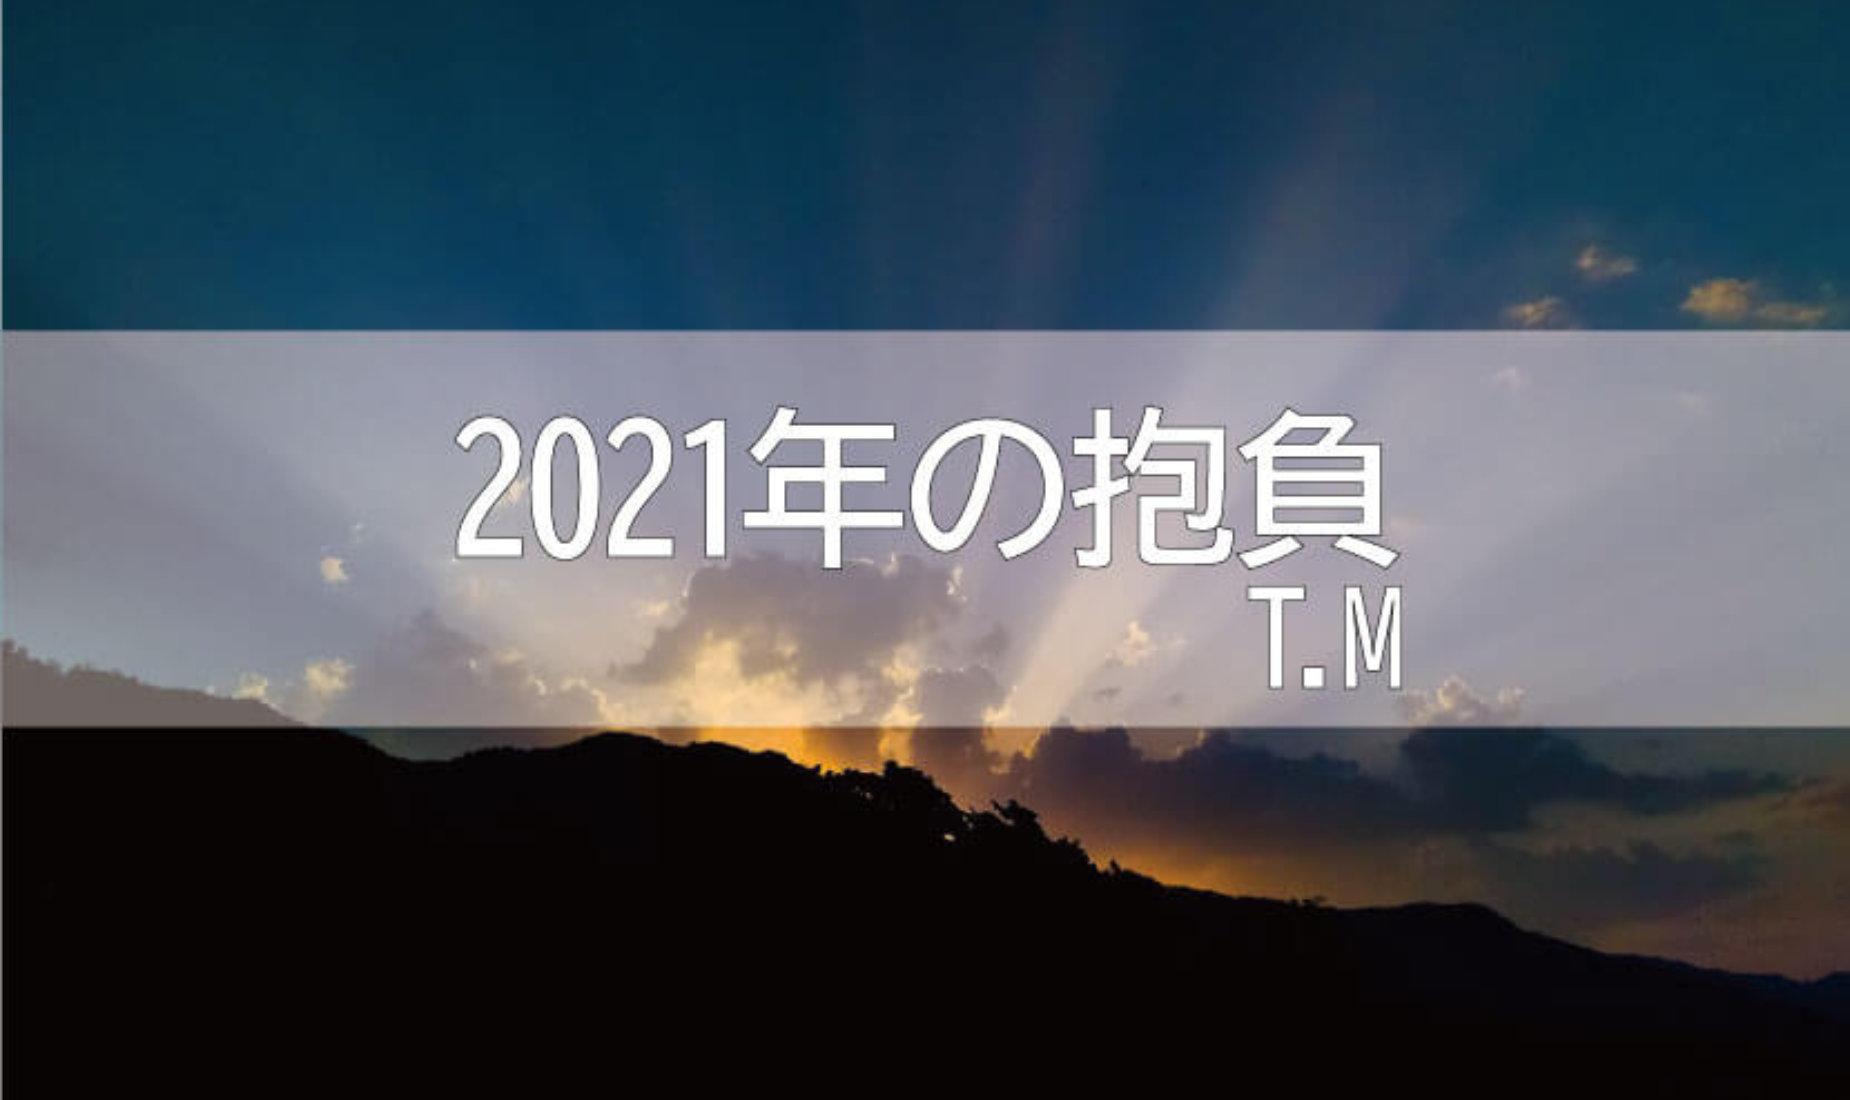 2021年の抱負 T.M